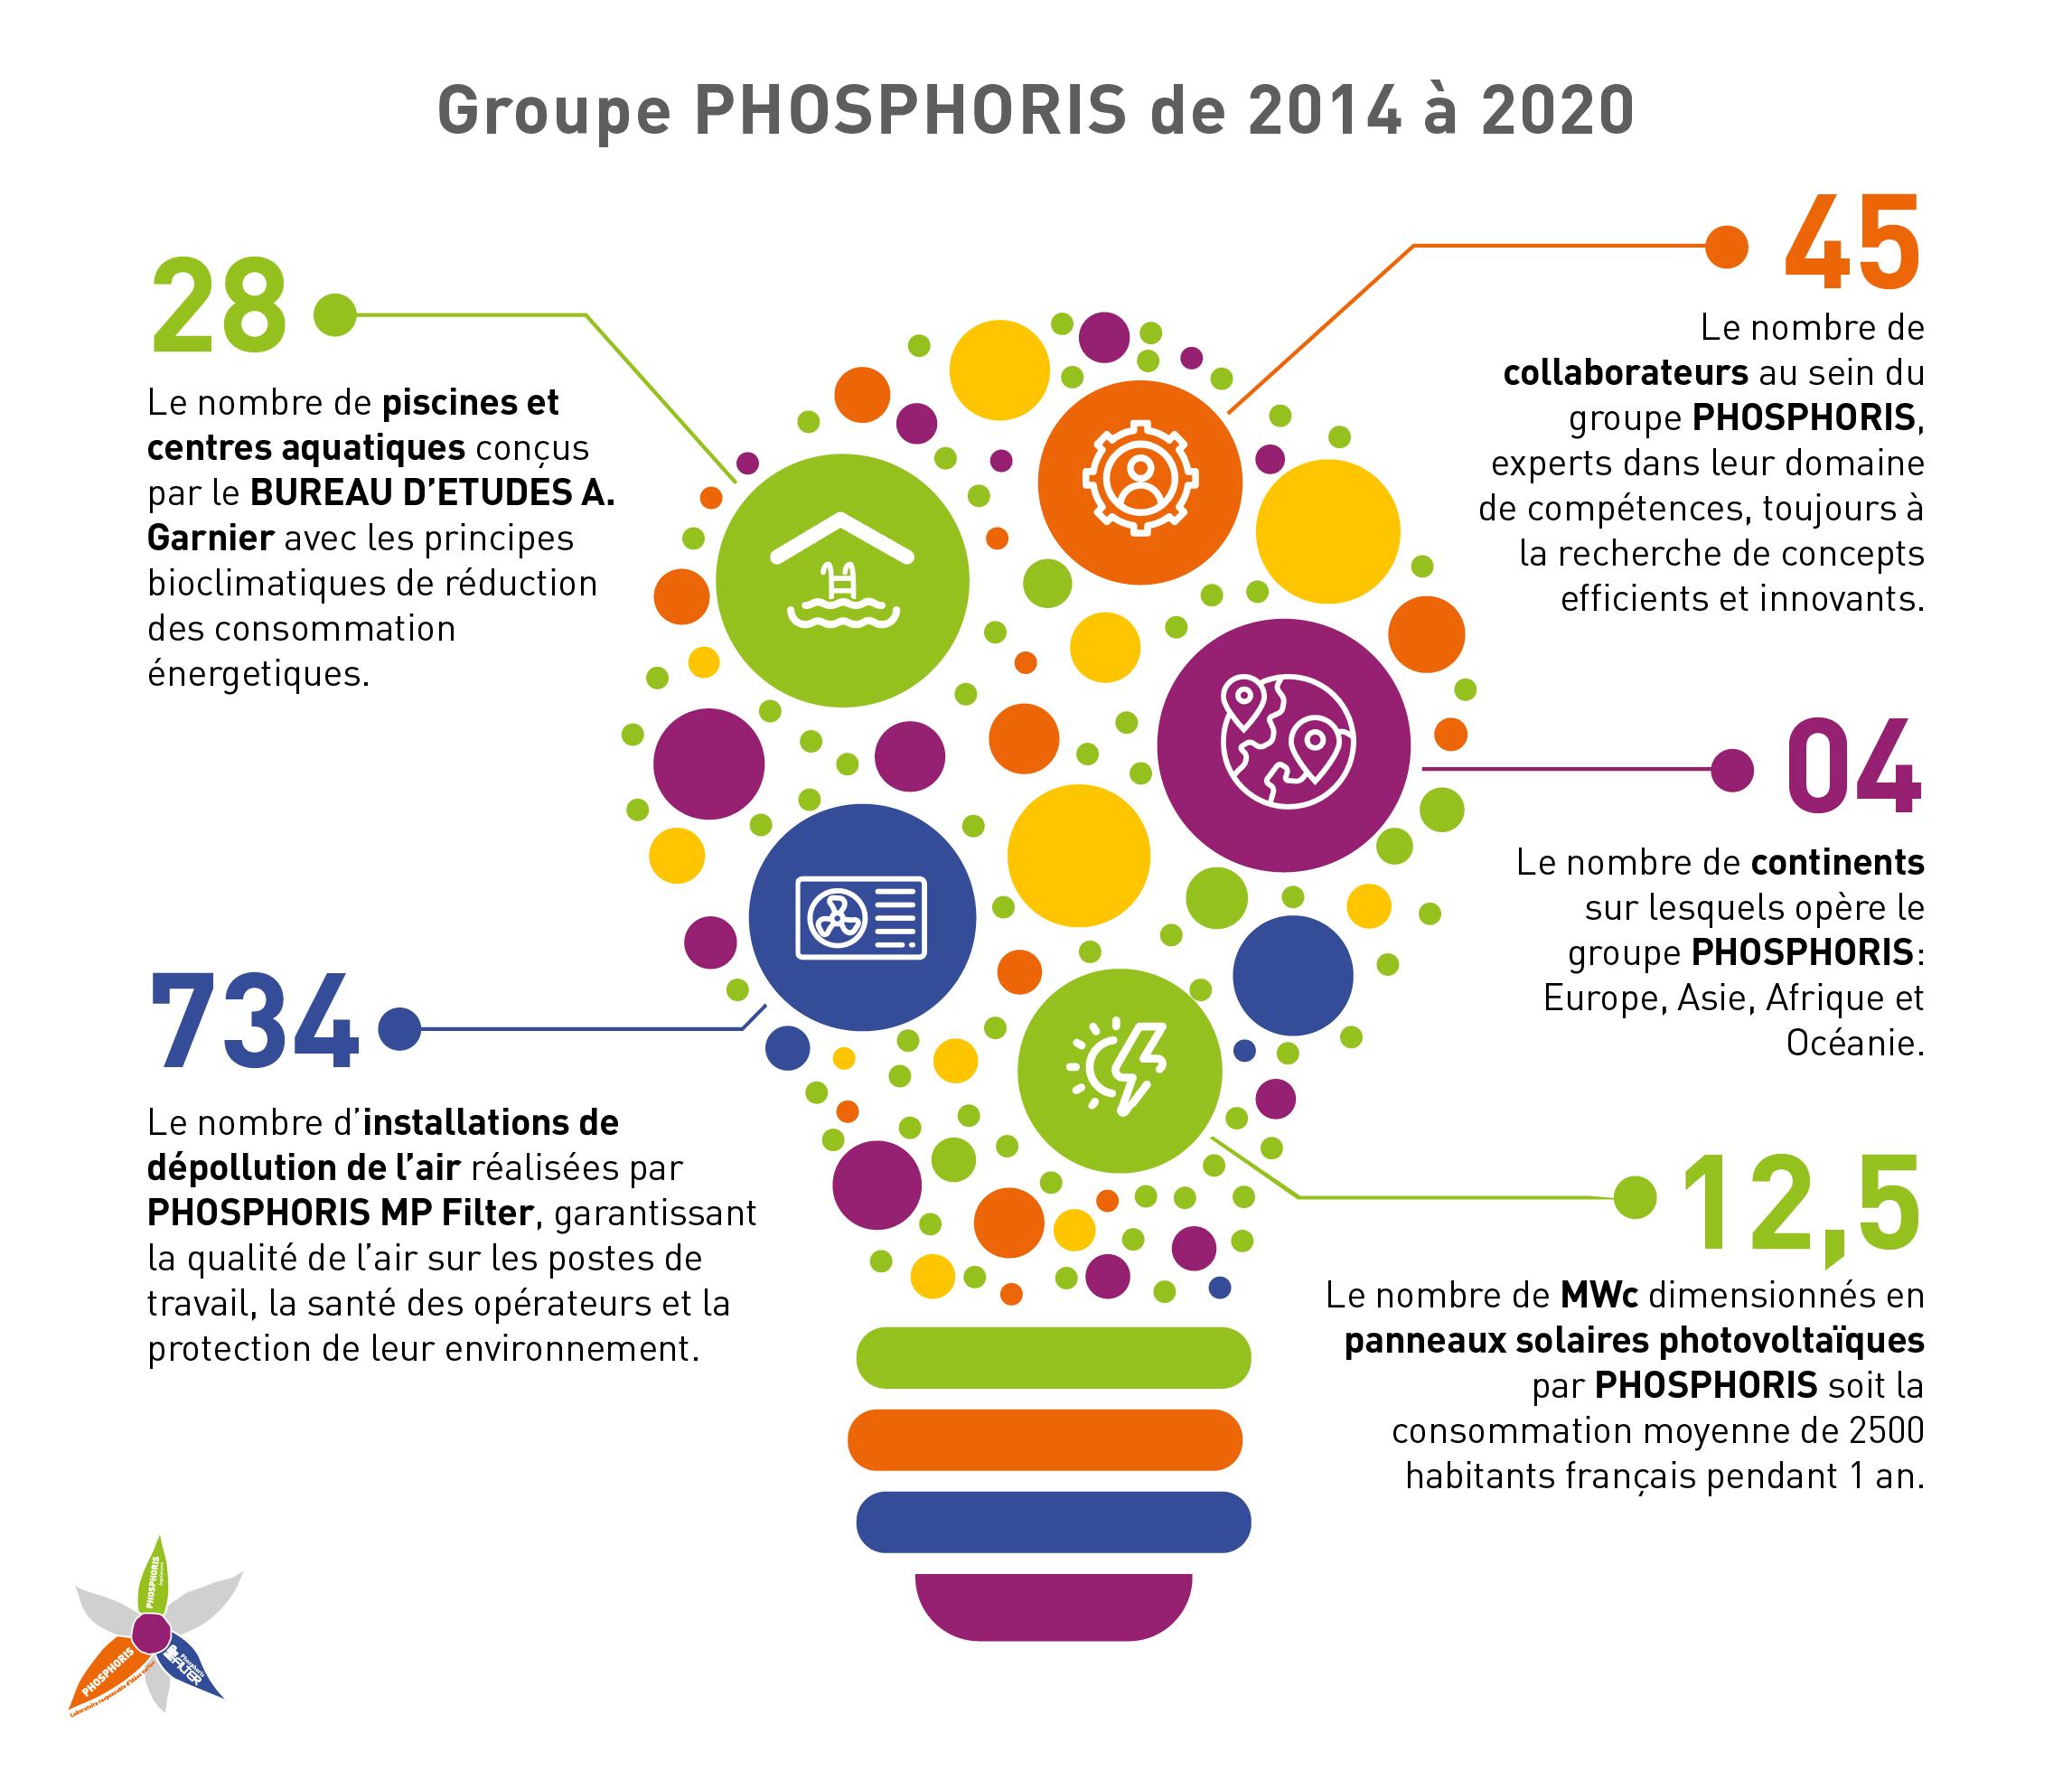 Chiffres clés du groupe PHOSPHORIS en 2020